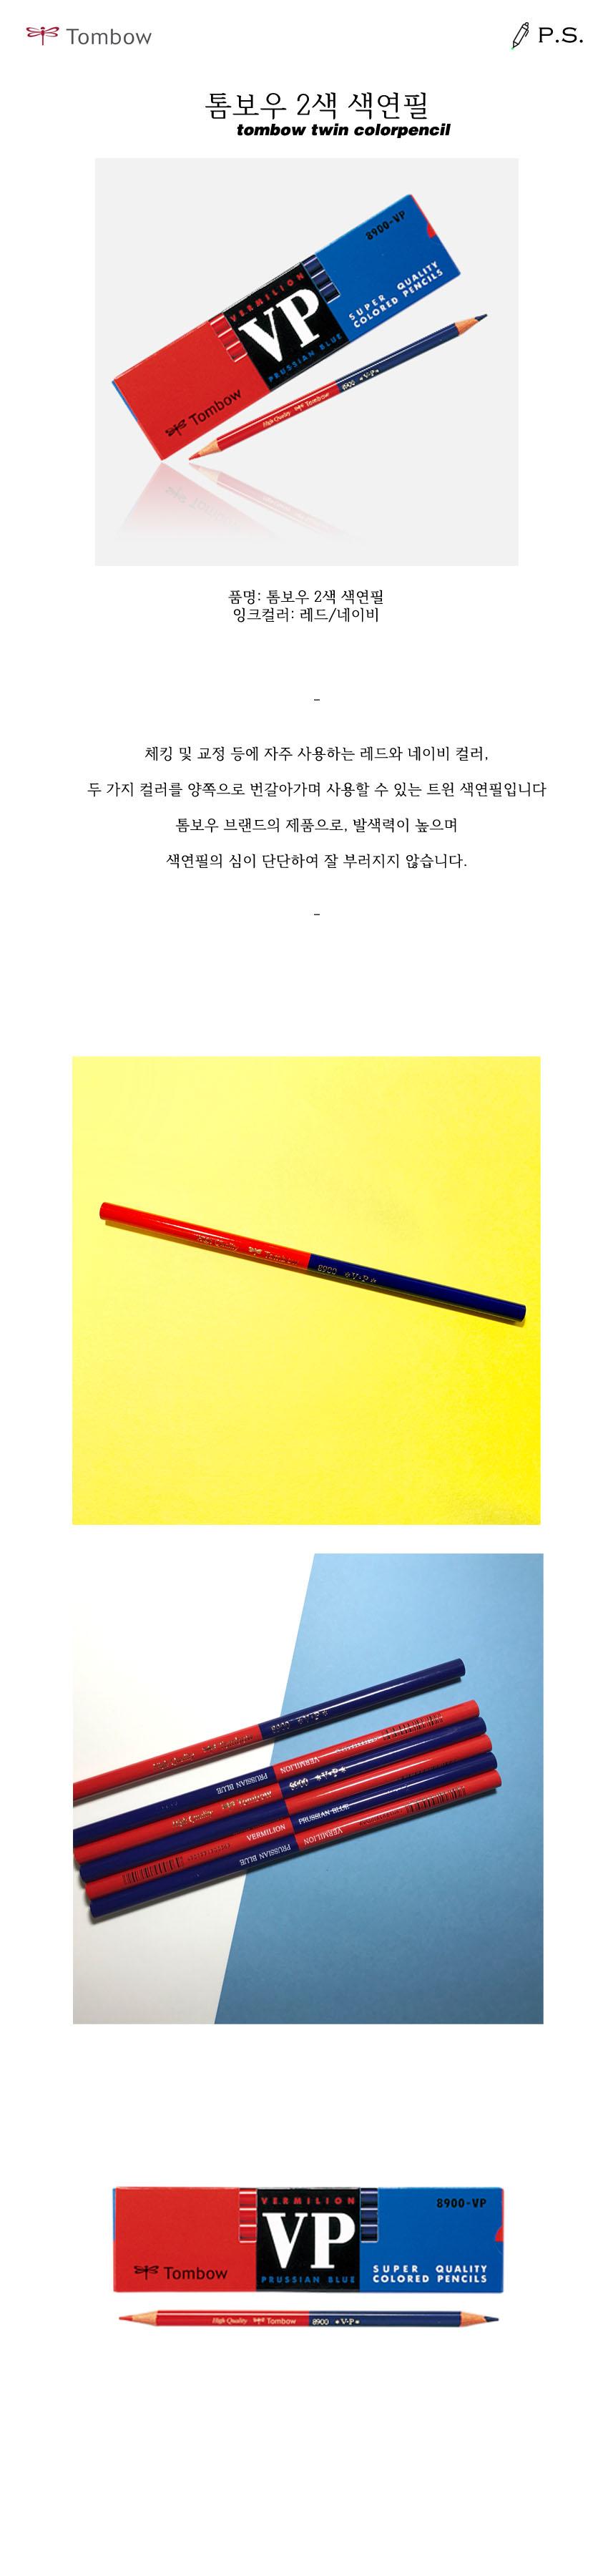 톰보우 2색 색연필1,900원-피에스디자인문구, 필기류, 연필, 베이직연필바보사랑톰보우 2색 색연필1,900원-피에스디자인문구, 필기류, 연필, 베이직연필바보사랑